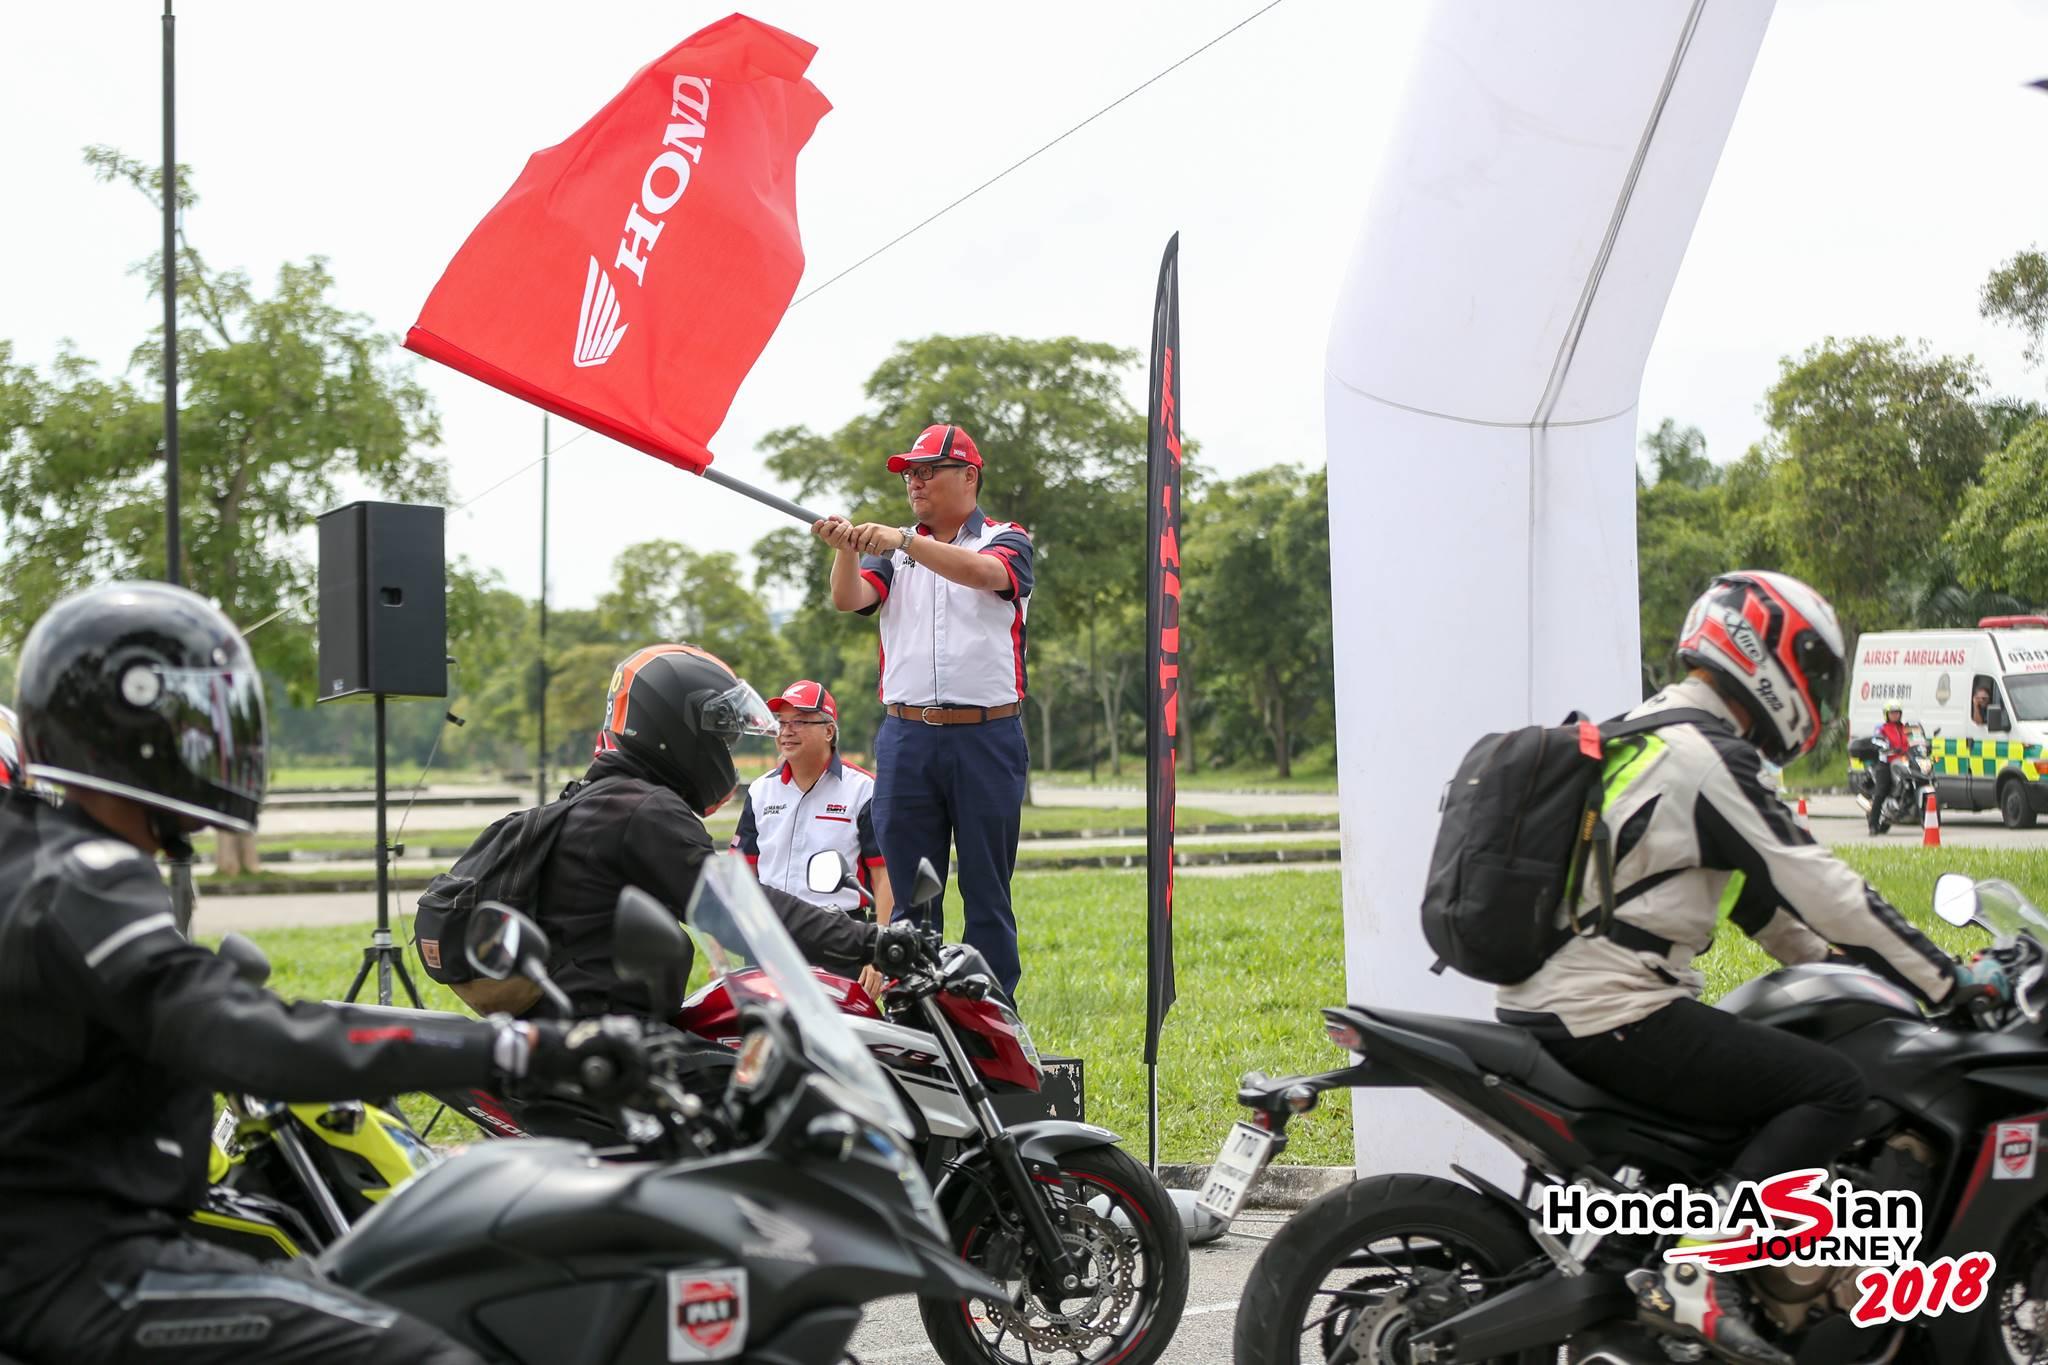 Honda_Asian_Journey_2018_Xe_Tinhte_023.jpg